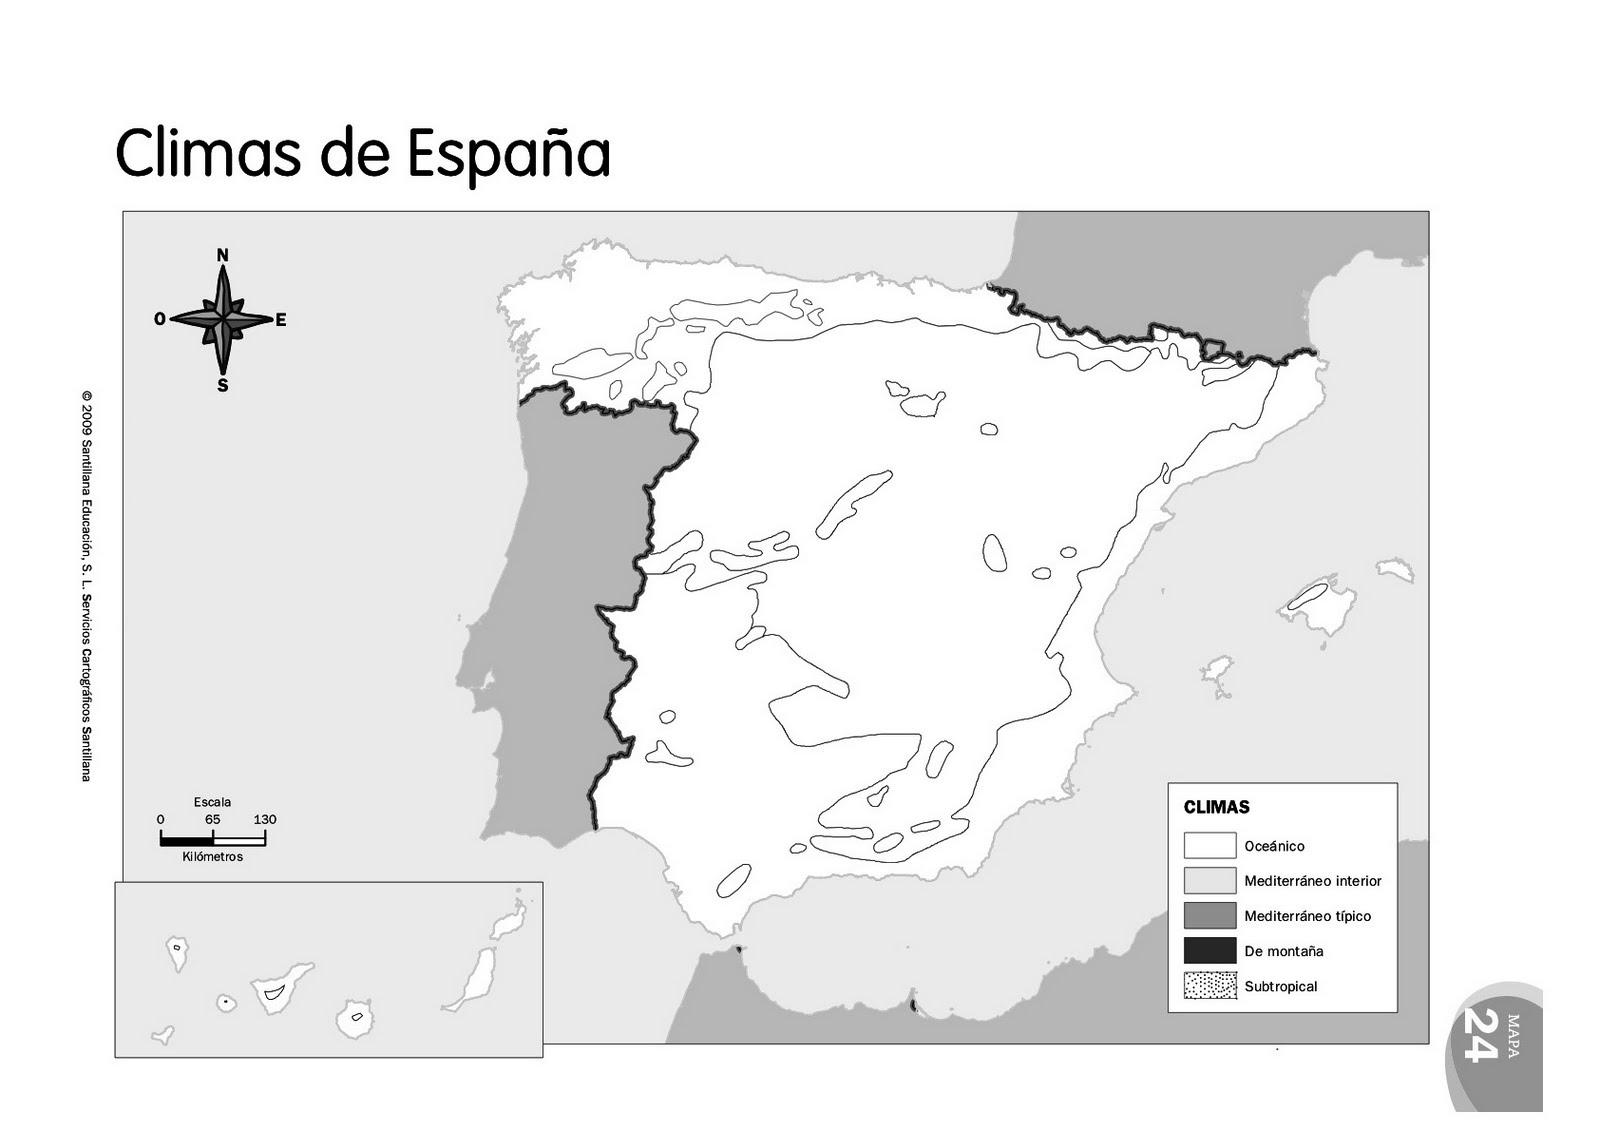 Mapa Climatico De España Mudo.Scienceclass6th Mapas Mudos De Espana